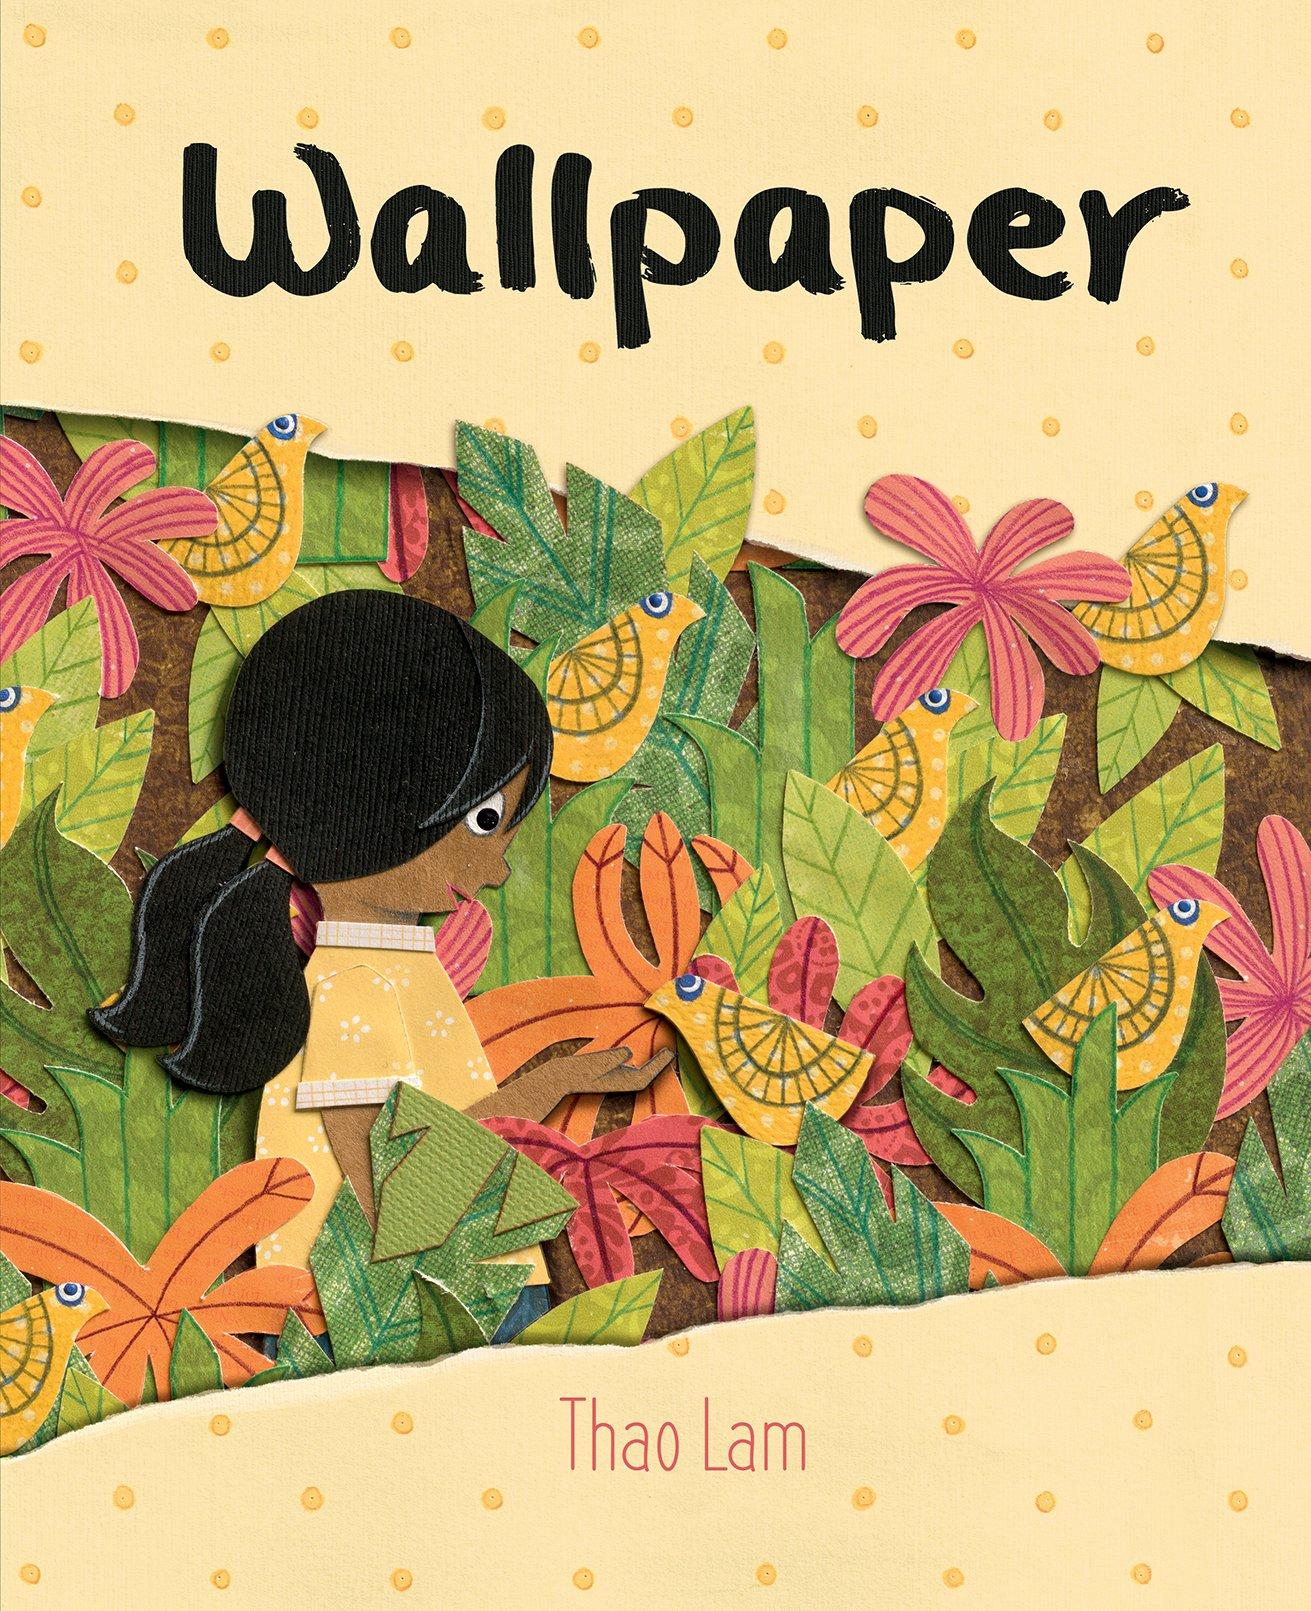 Wallpaper: Thao Lam: 9781771472838: Amazon.com: Books